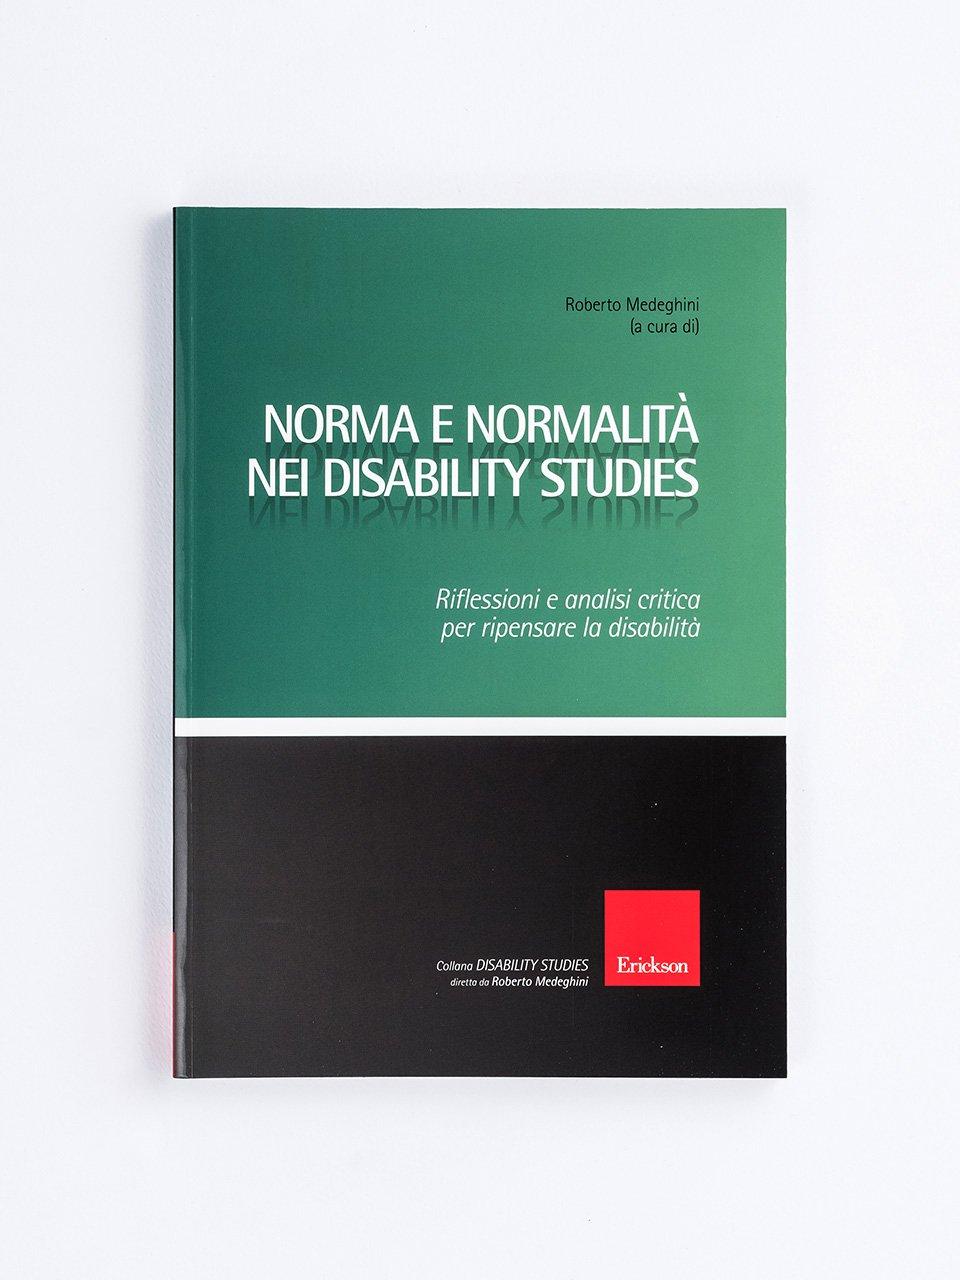 Norma e normalità nei disability studies - Disabilità e società - Libri - Erickson